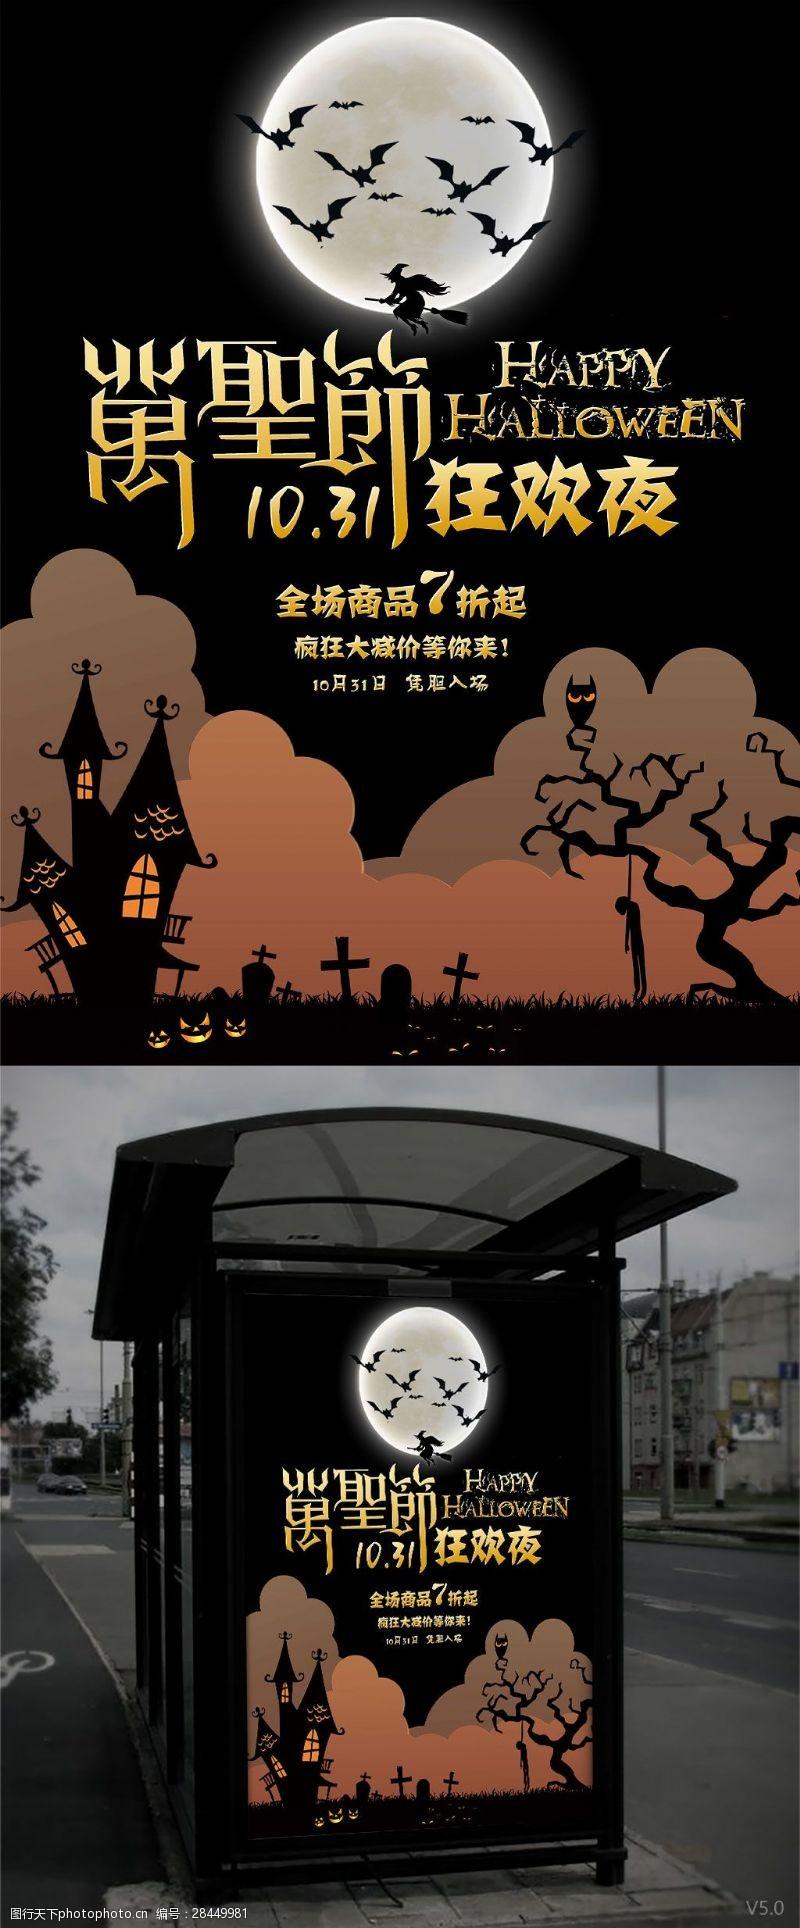 全场商品5折万圣节狂欢夜促销海报